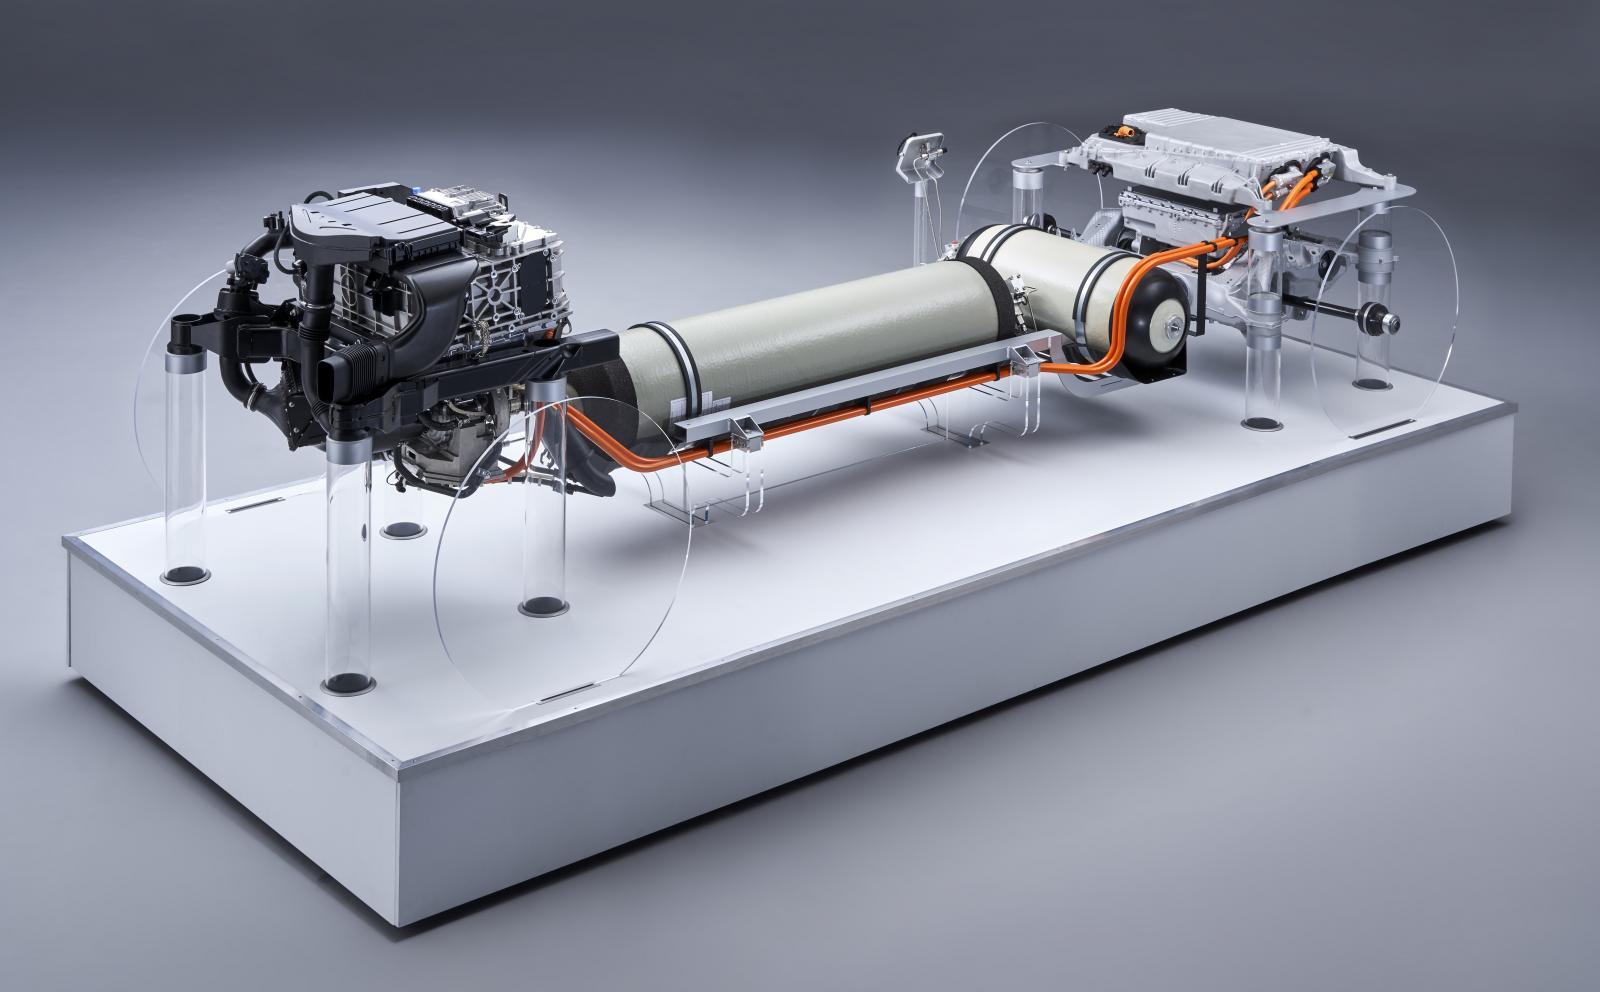 BMW avslöjar fler detaljer om X5 med vätgasdrift